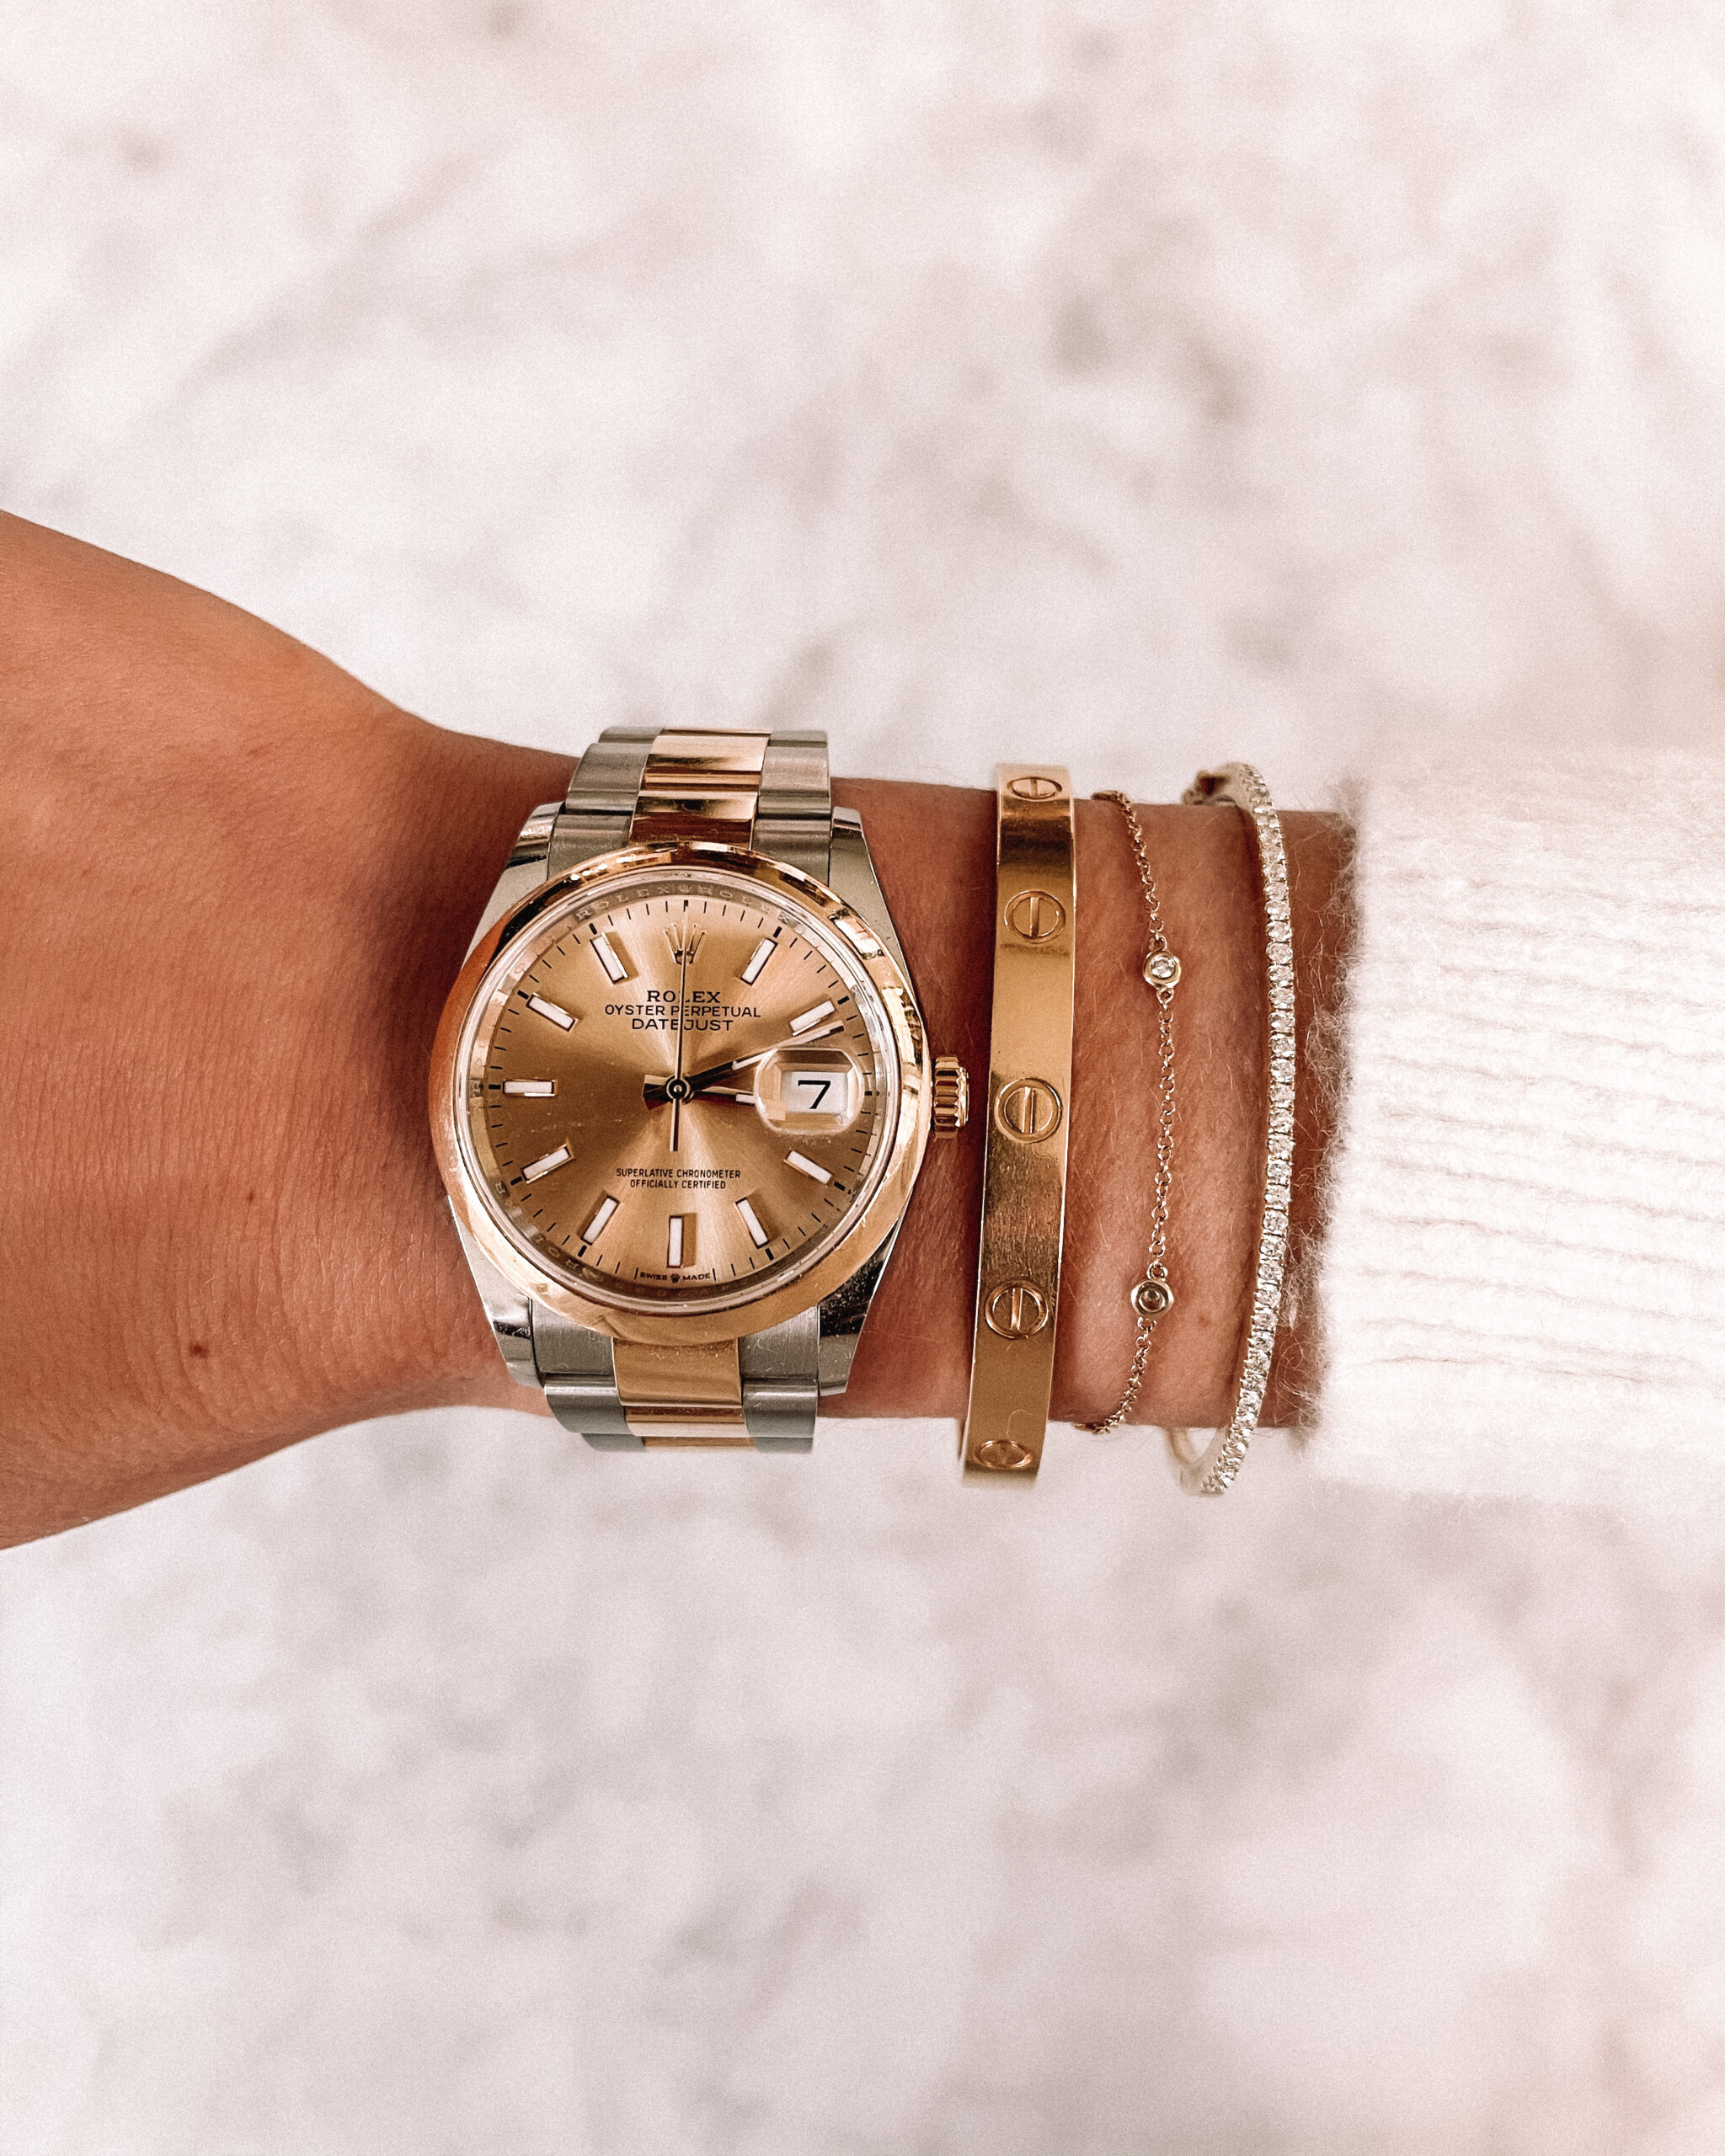 Fashion Jackson Rolex Watch Cartier Bracelet Ring Concierge Bracelets